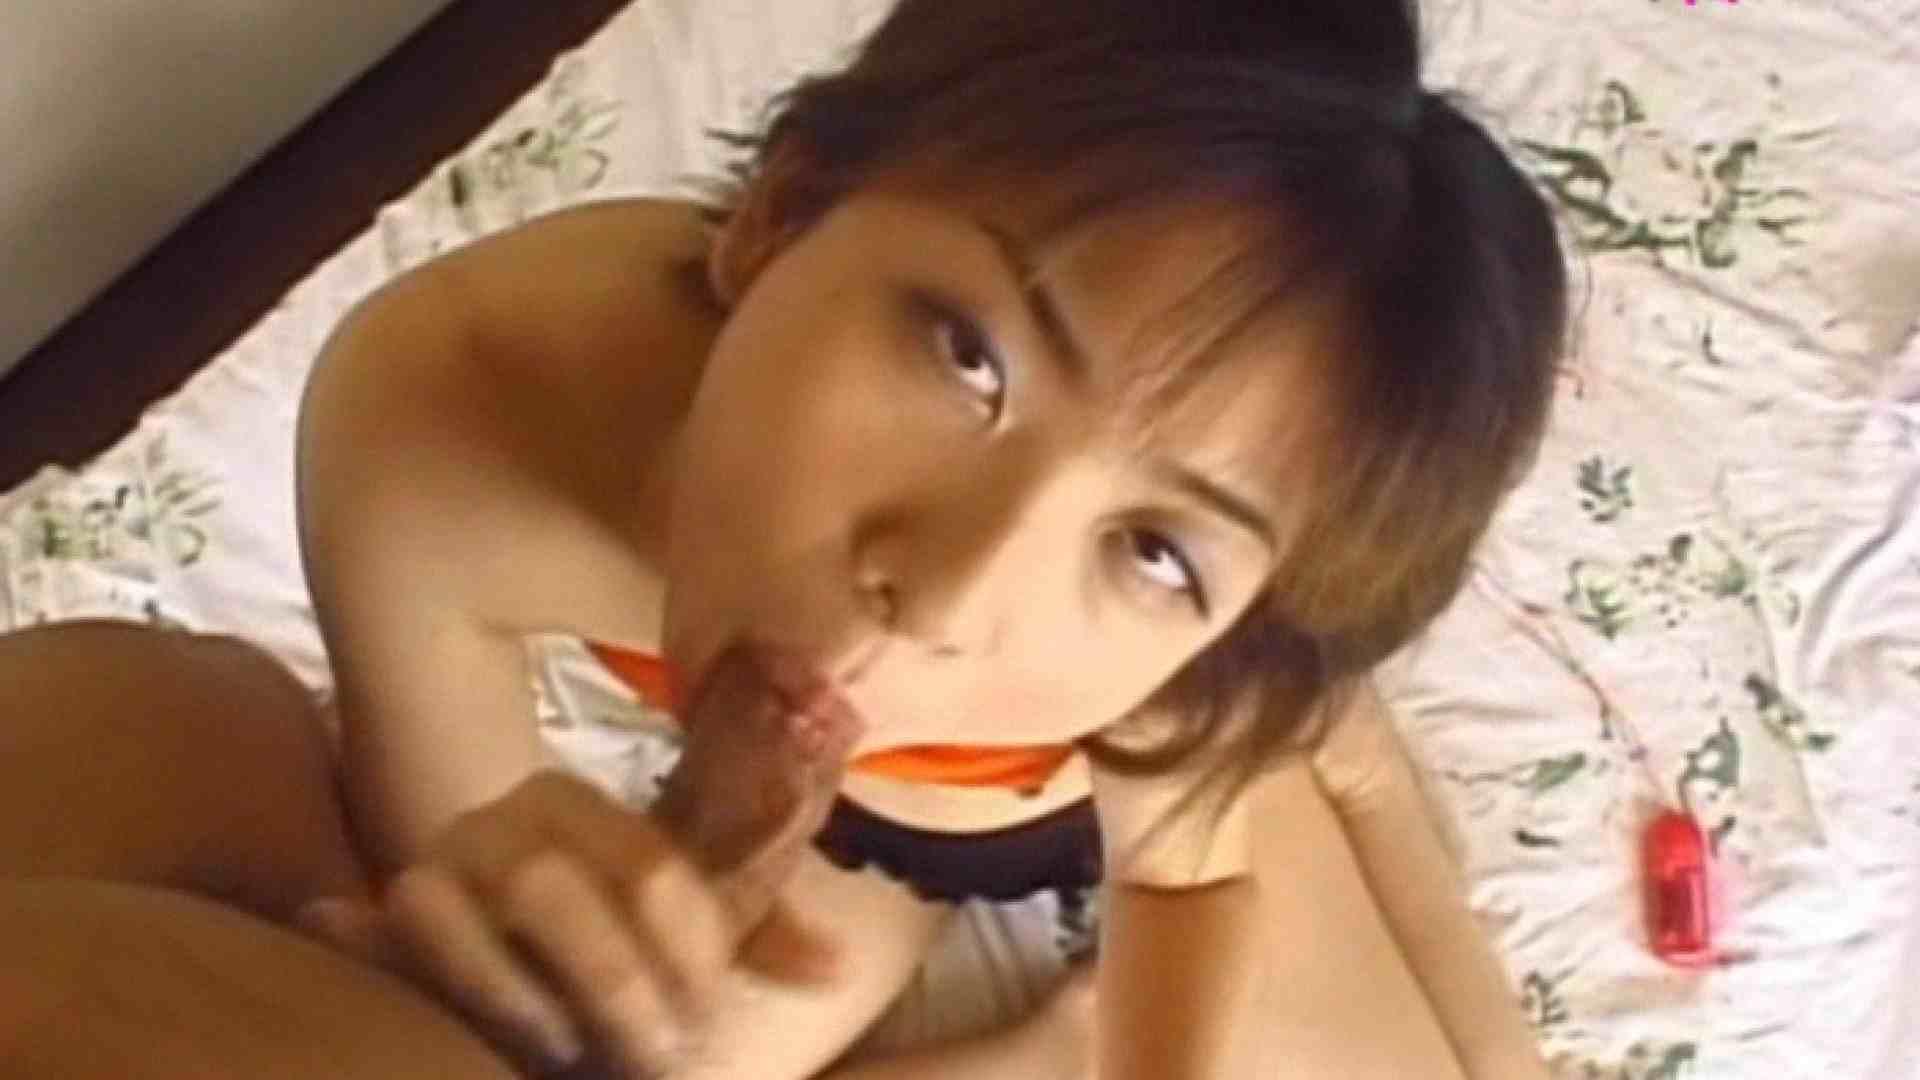 おしえてギャル子のH塾 Vol.14 前編 OLのエッチ セックス無修正動画無料 80pic 47